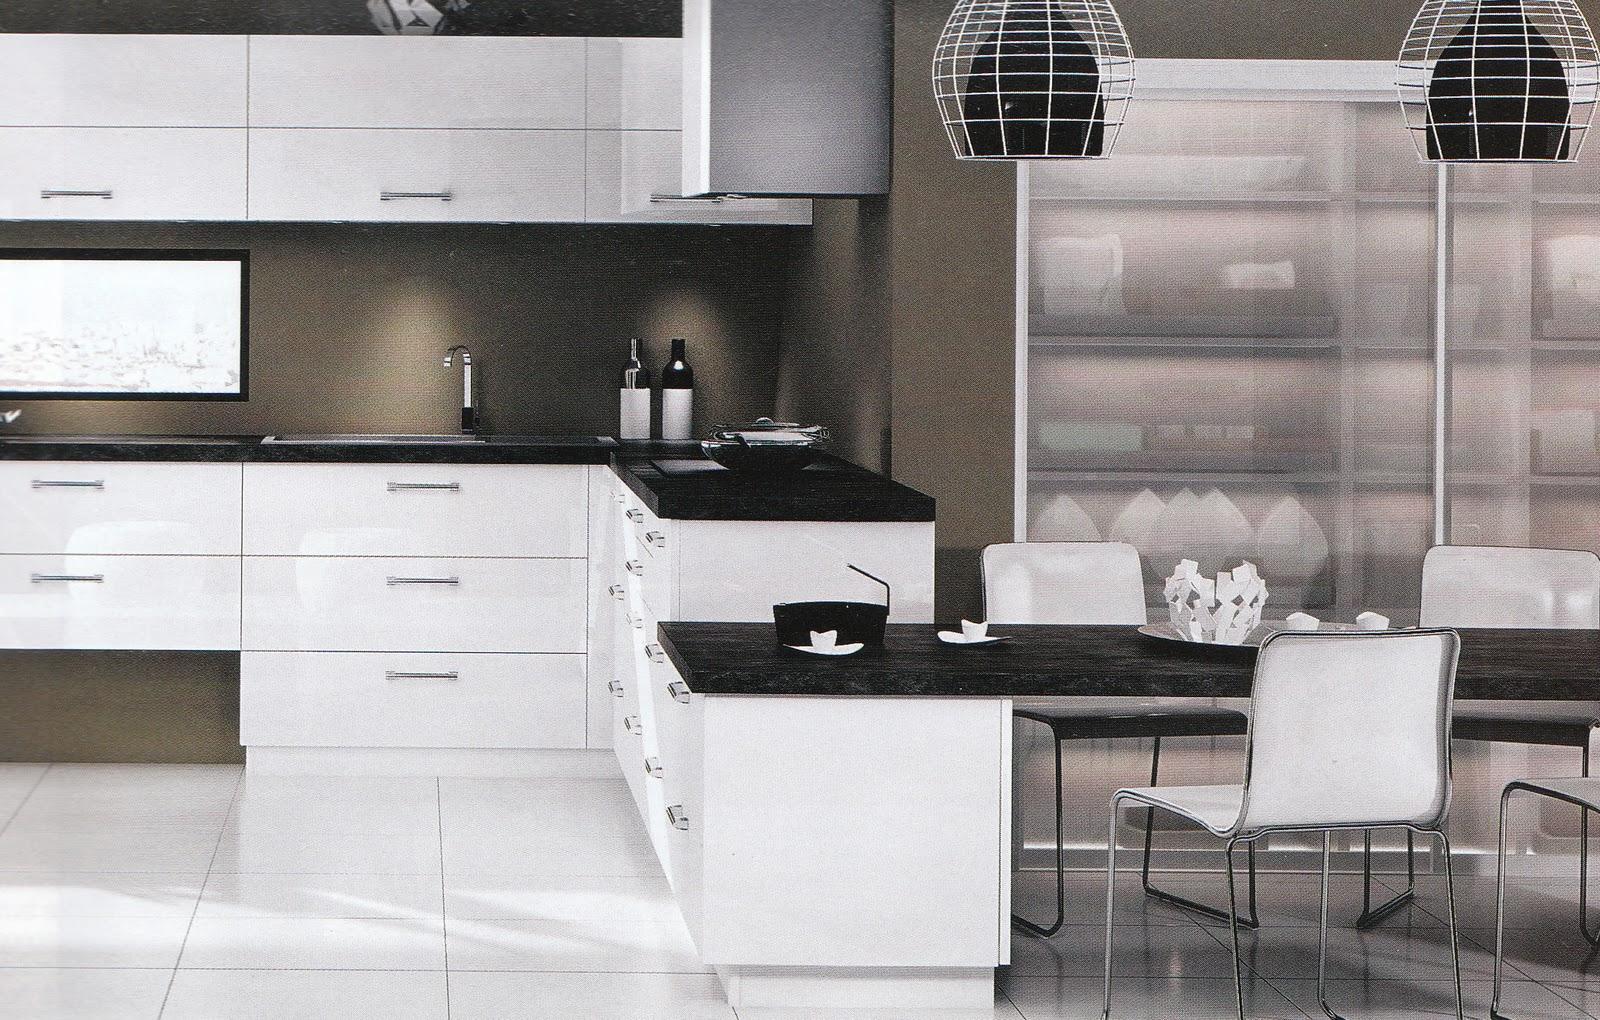 isabelle h d coration et home staging cuisine en couleur inspiration. Black Bedroom Furniture Sets. Home Design Ideas